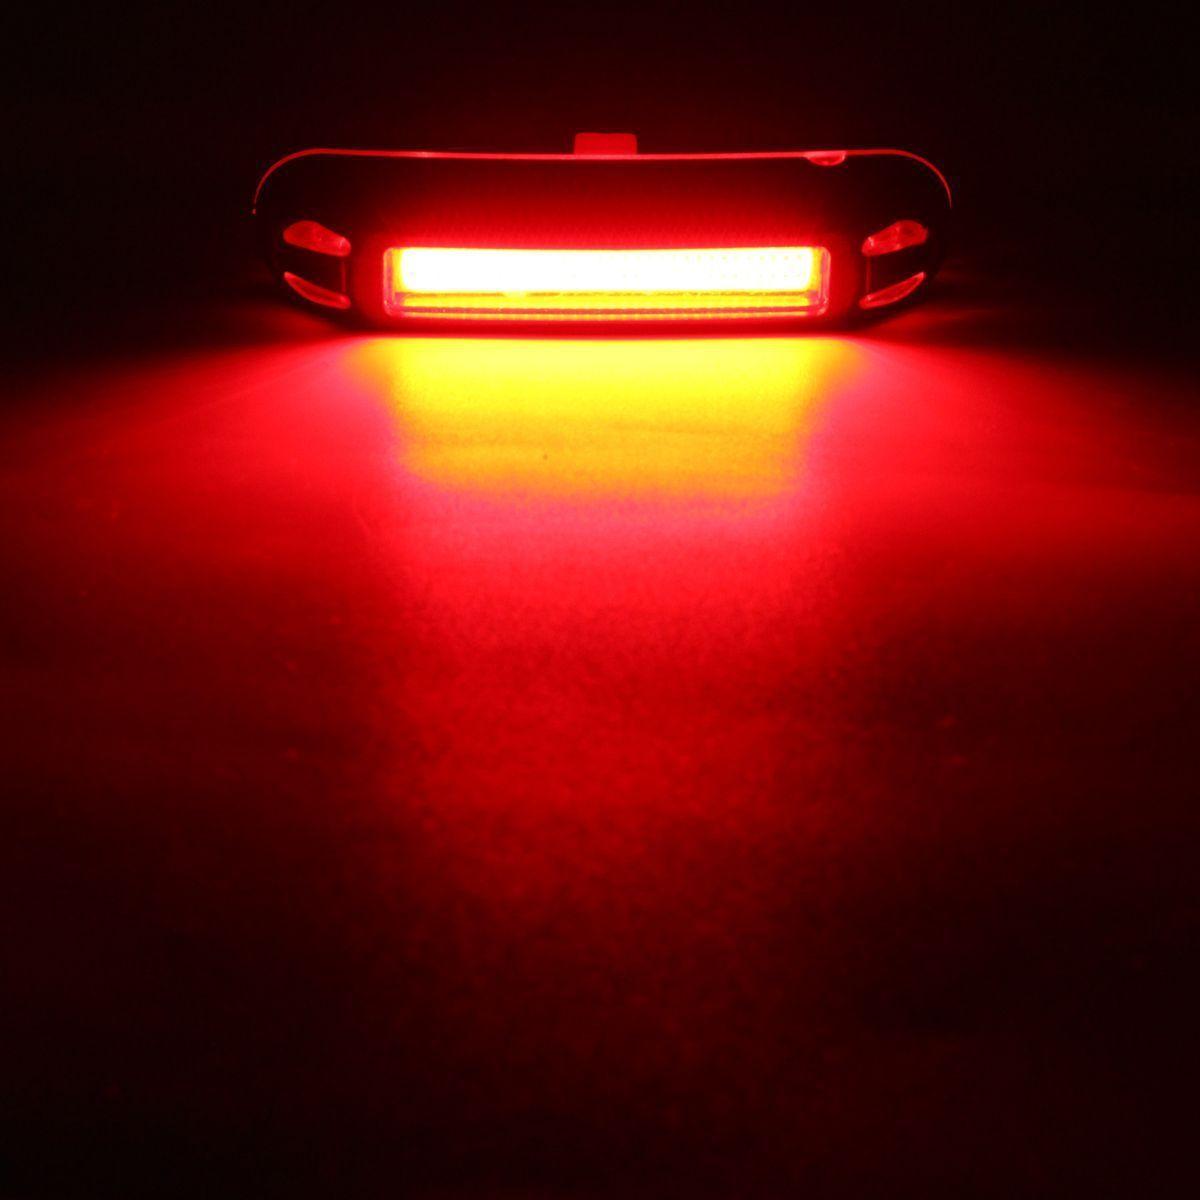 Pisca Lanterna Bike Led Traseiro 2 Cores Sinalizador Usb 5 Modos